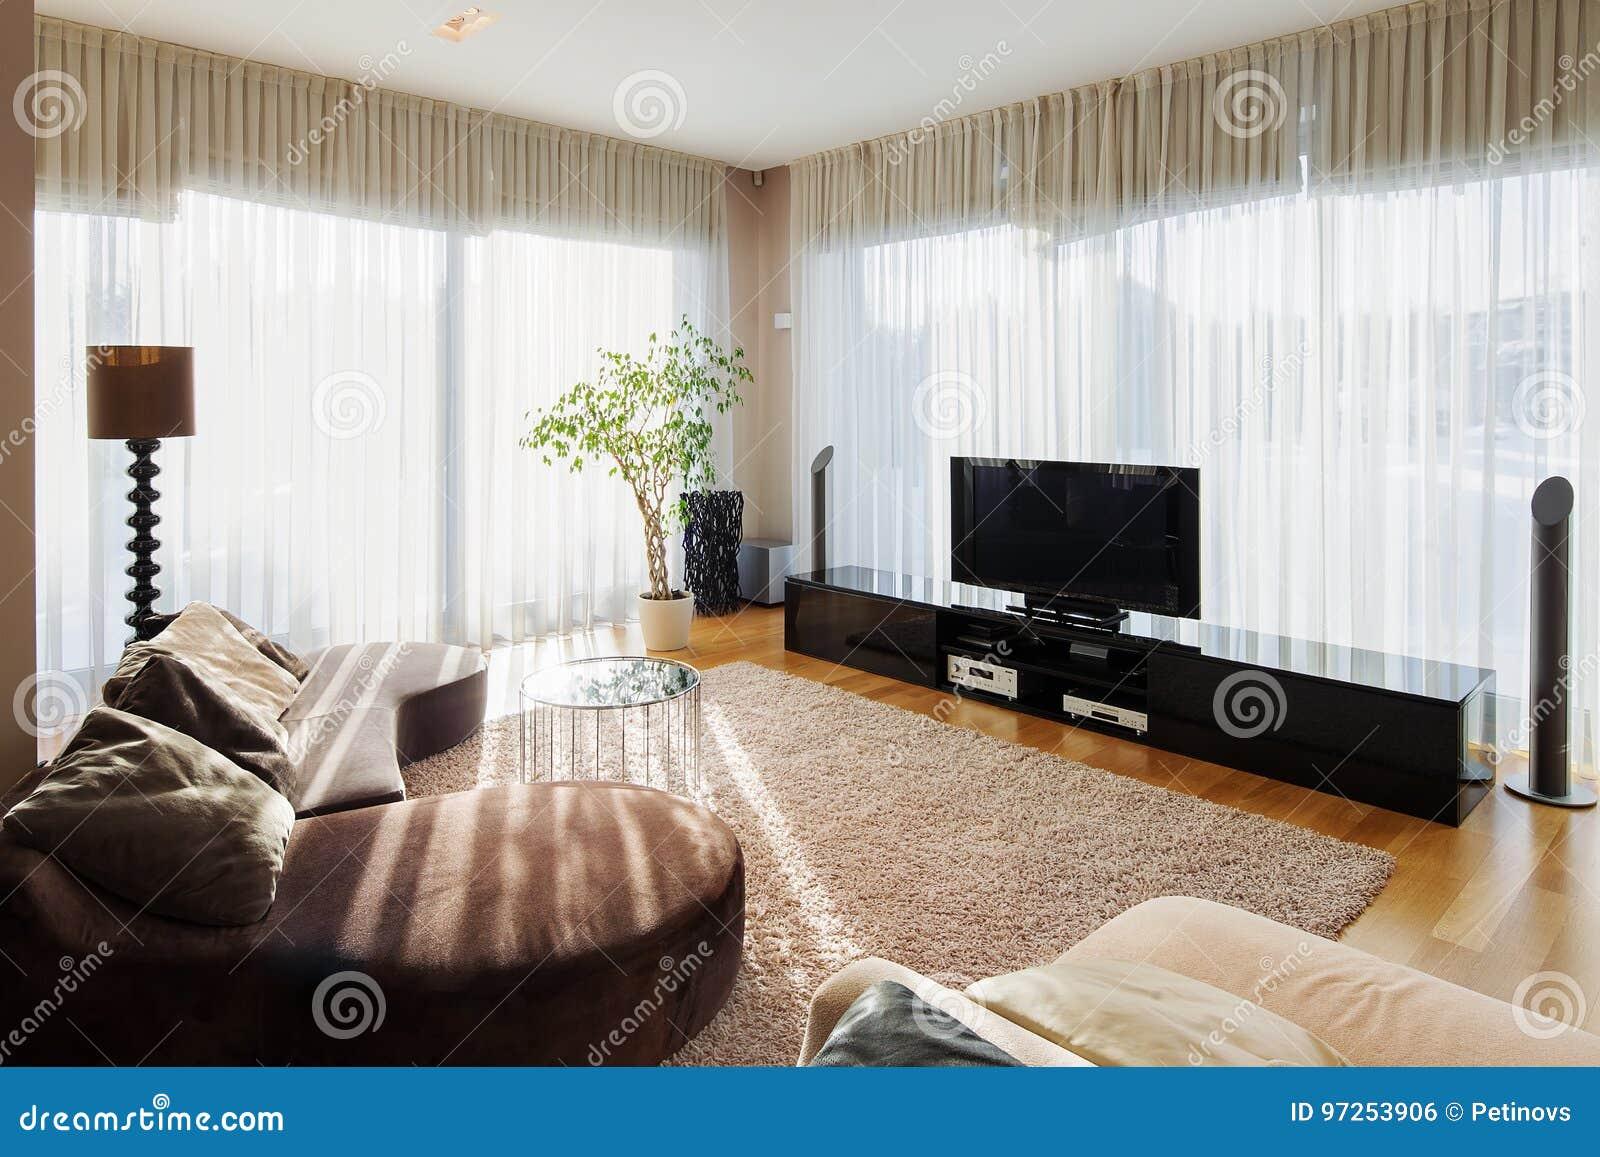 Modernes Wohnzimmer Mit Sofa Und Fernseher